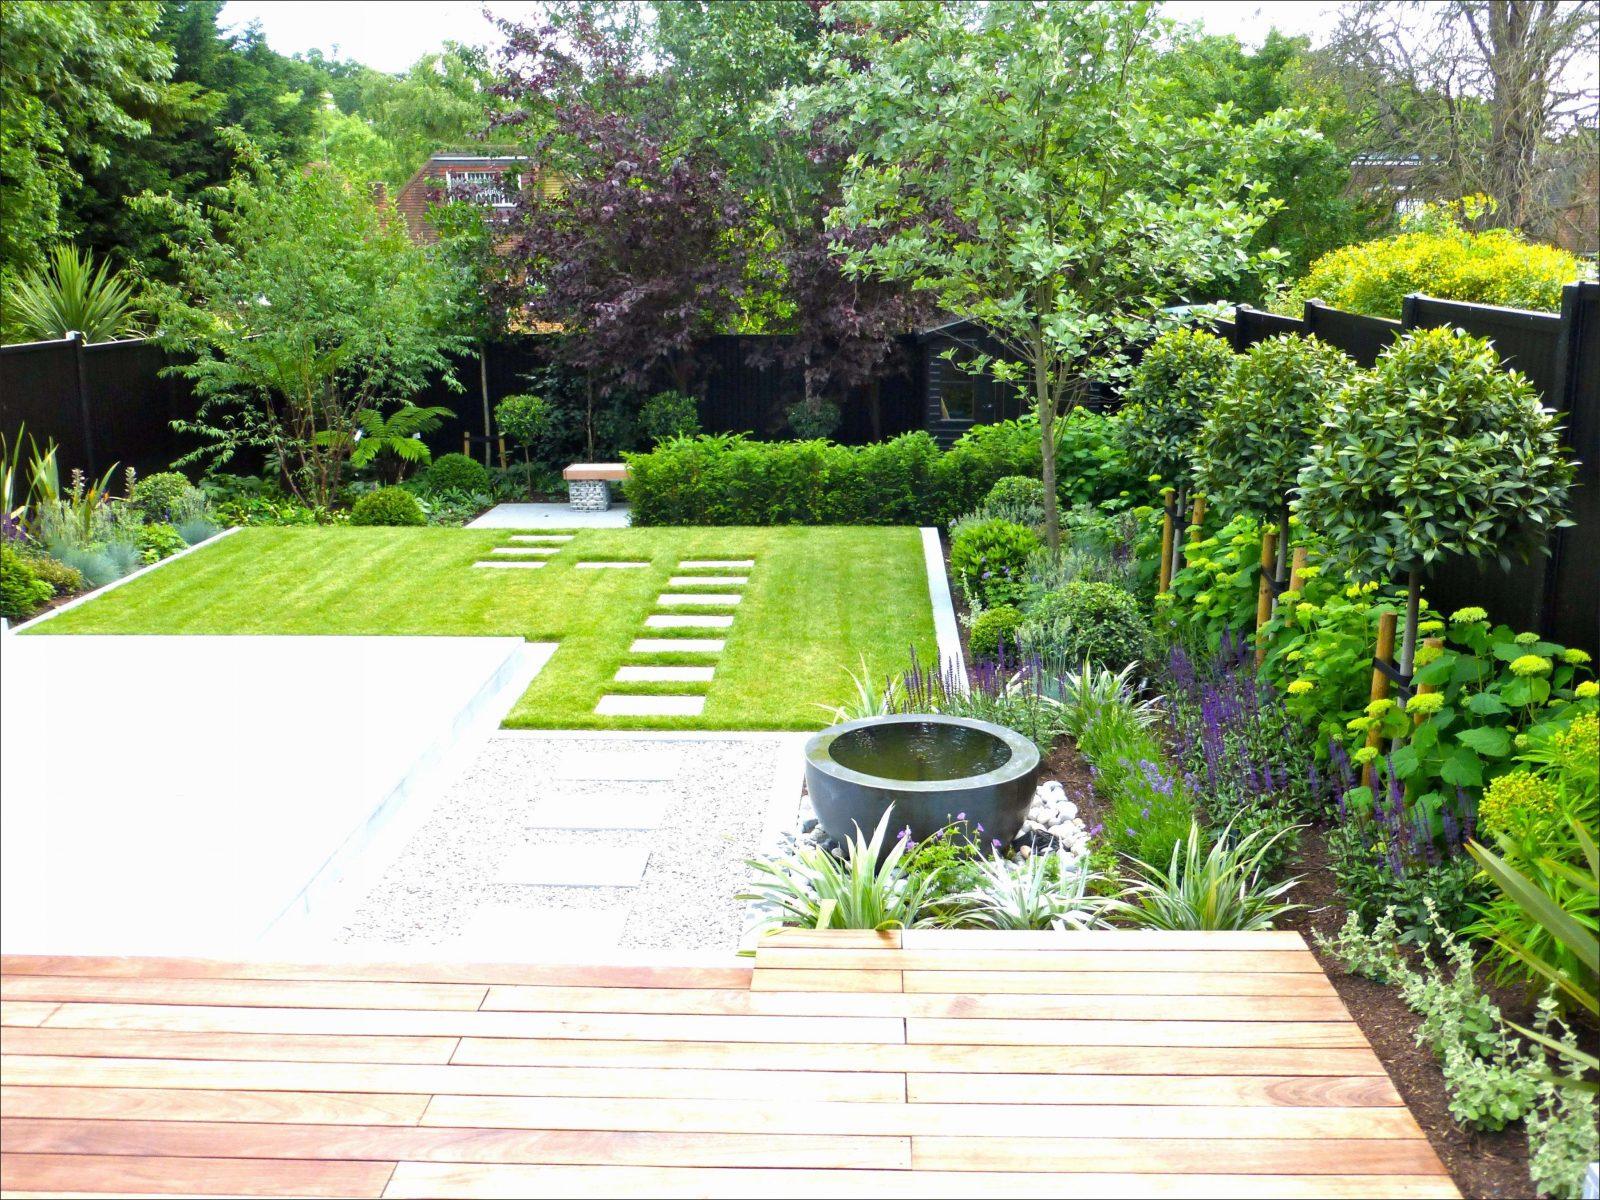 32 Elegant Offene Feuerstelle Im Garten von Offene Feuerstelle Im Garten Erlaubt Bild